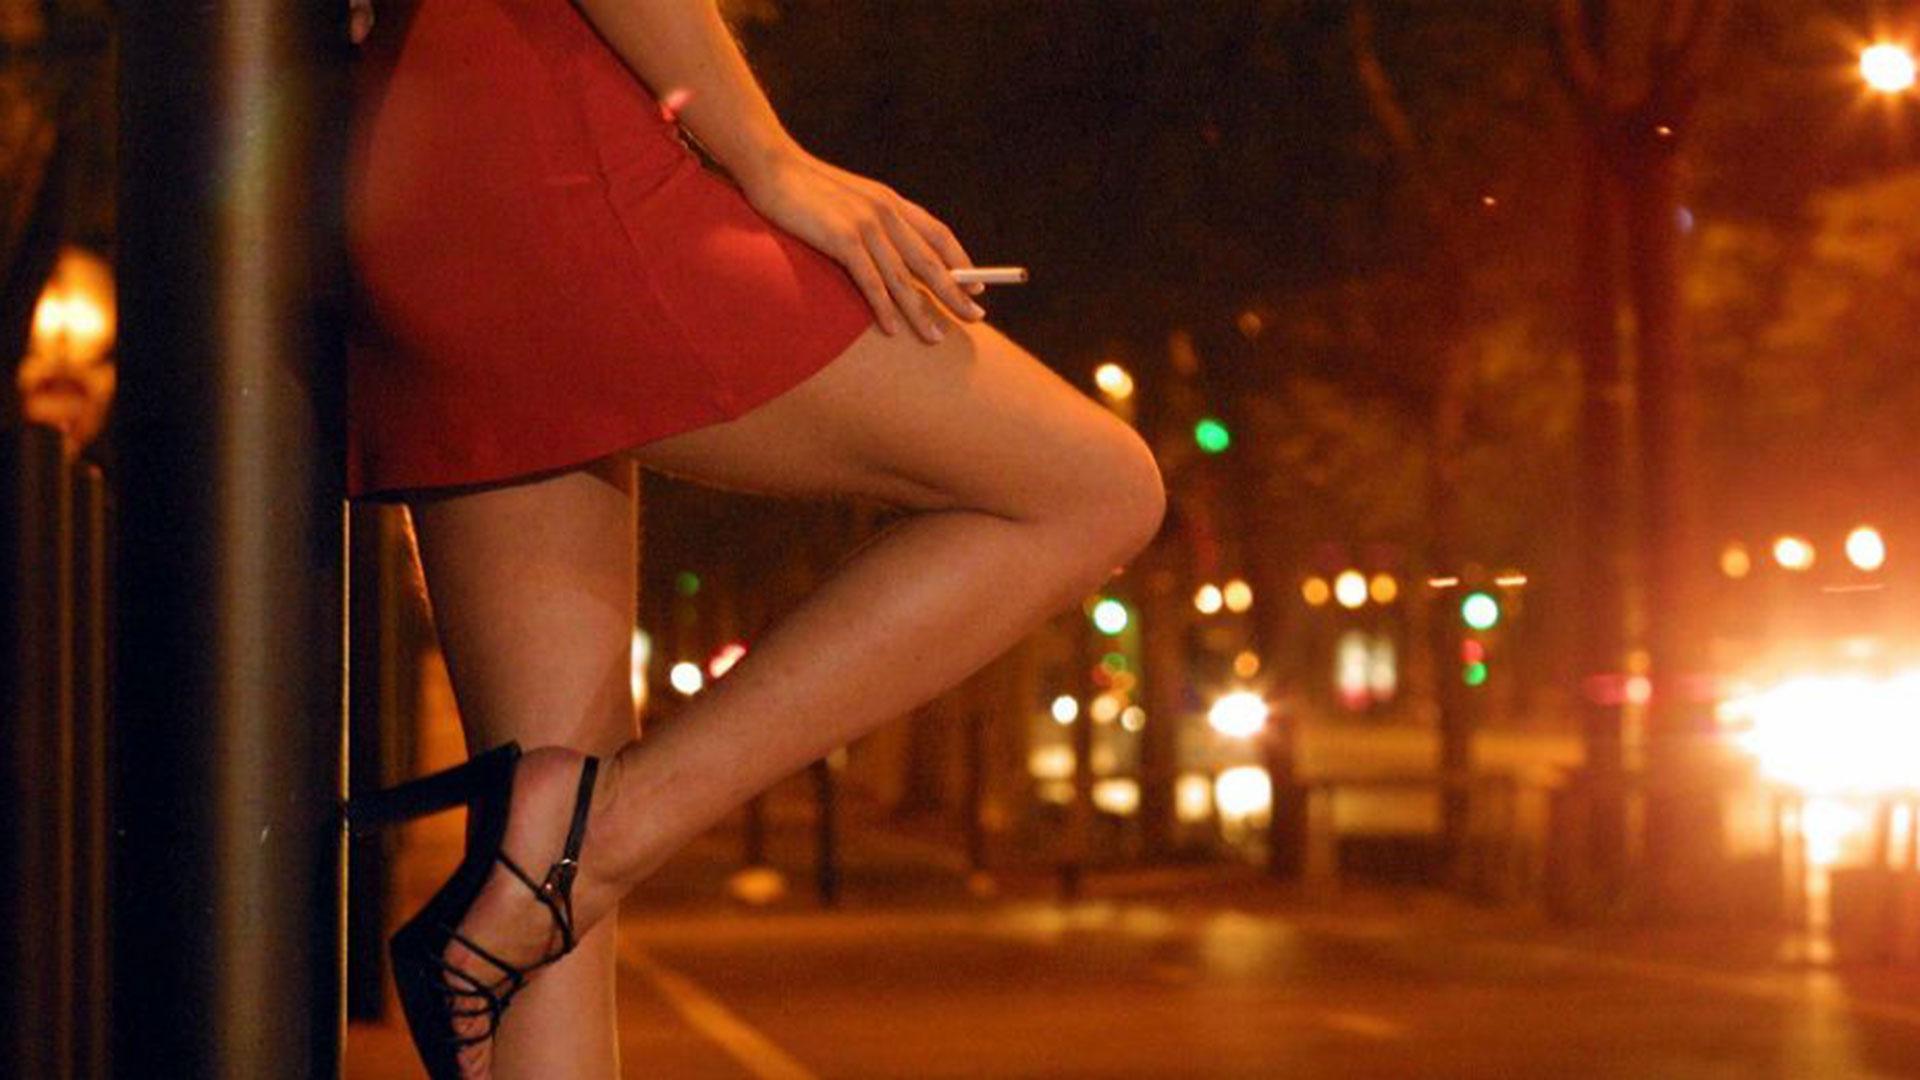 En Nueva Zelanda, se podrá apelar a la prostitución como trabajo de alto nivel para solicitar visado de residencia